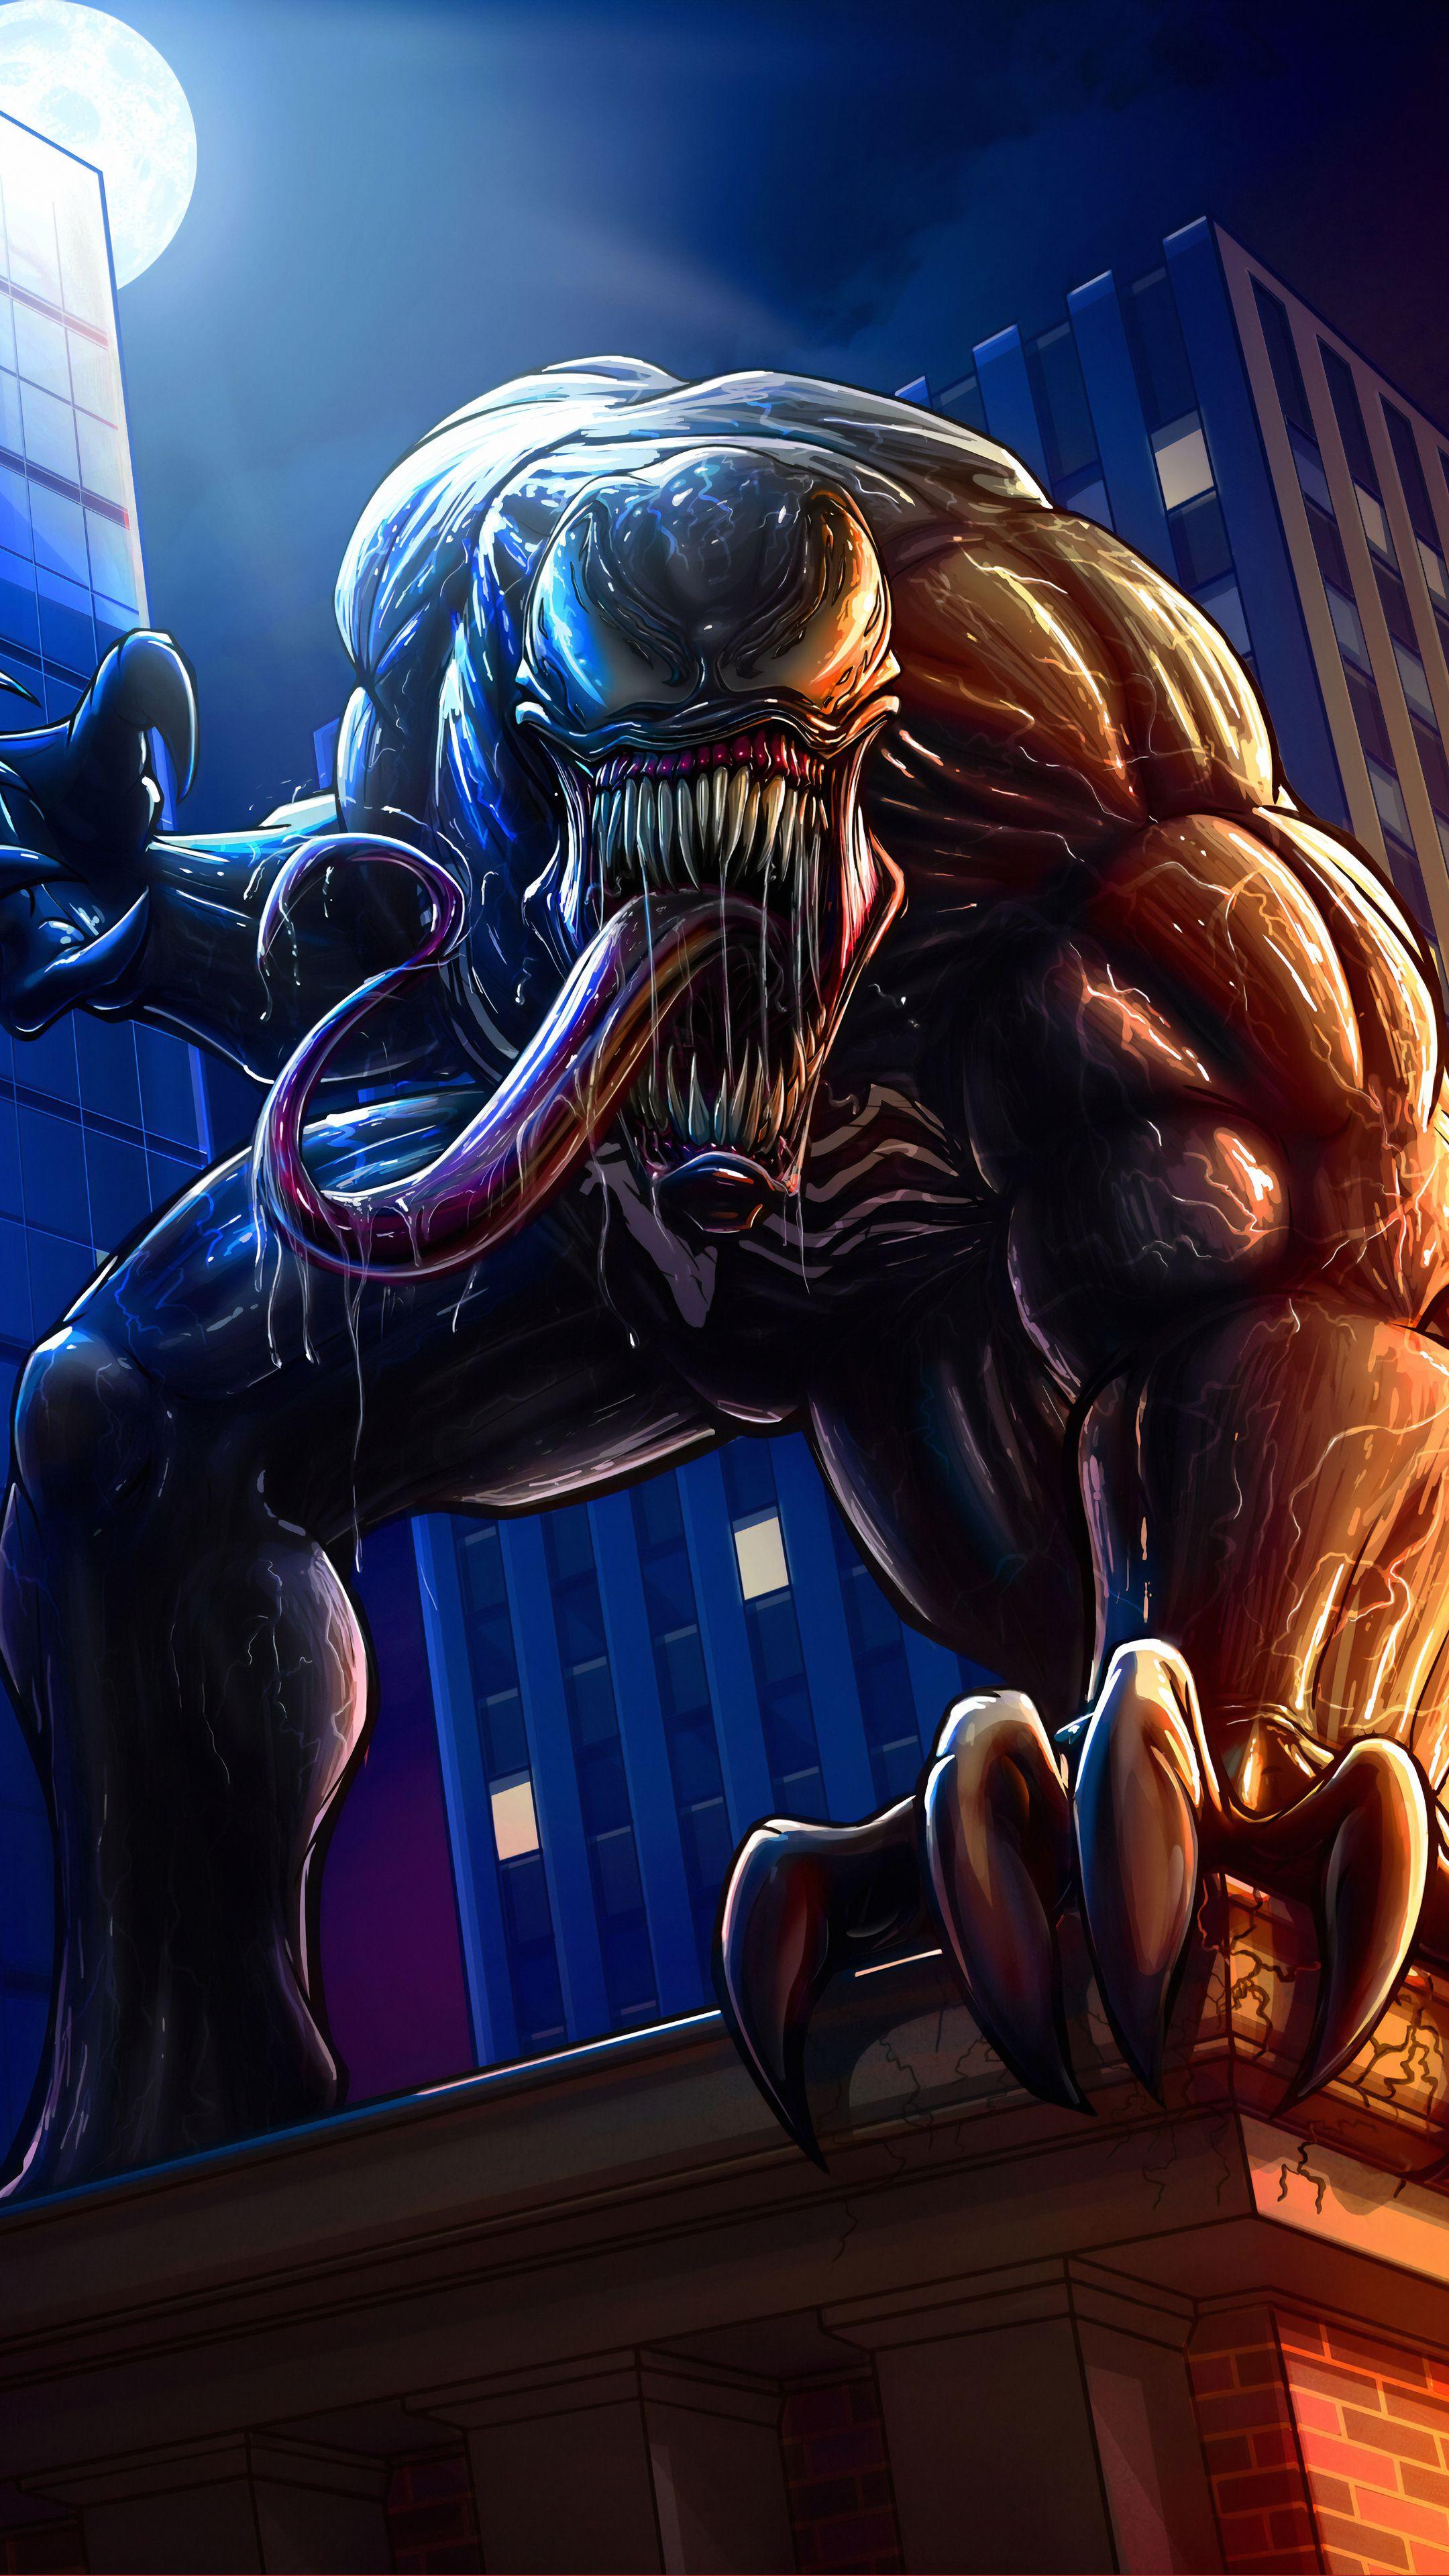 Venom Artwork Ultra Hd 4k Wallpapers | hdqwalls.com